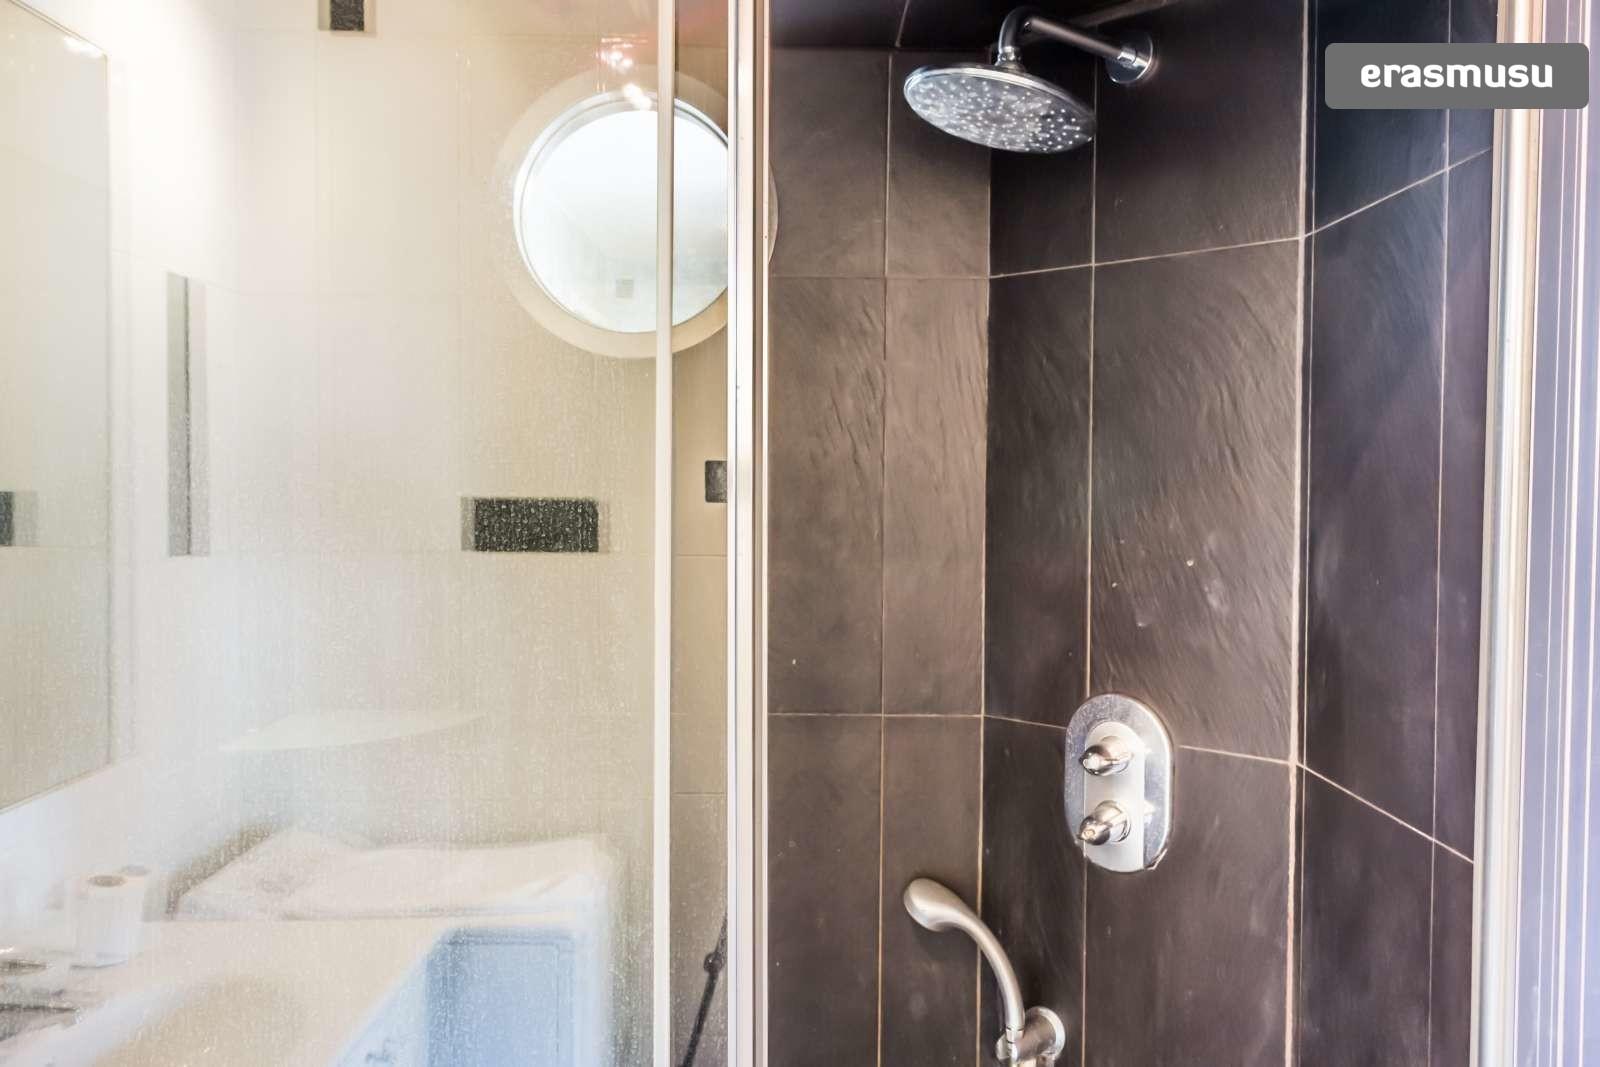 unique-1-bedroom-apartment-rent-near-part-dieu-train-station-bro